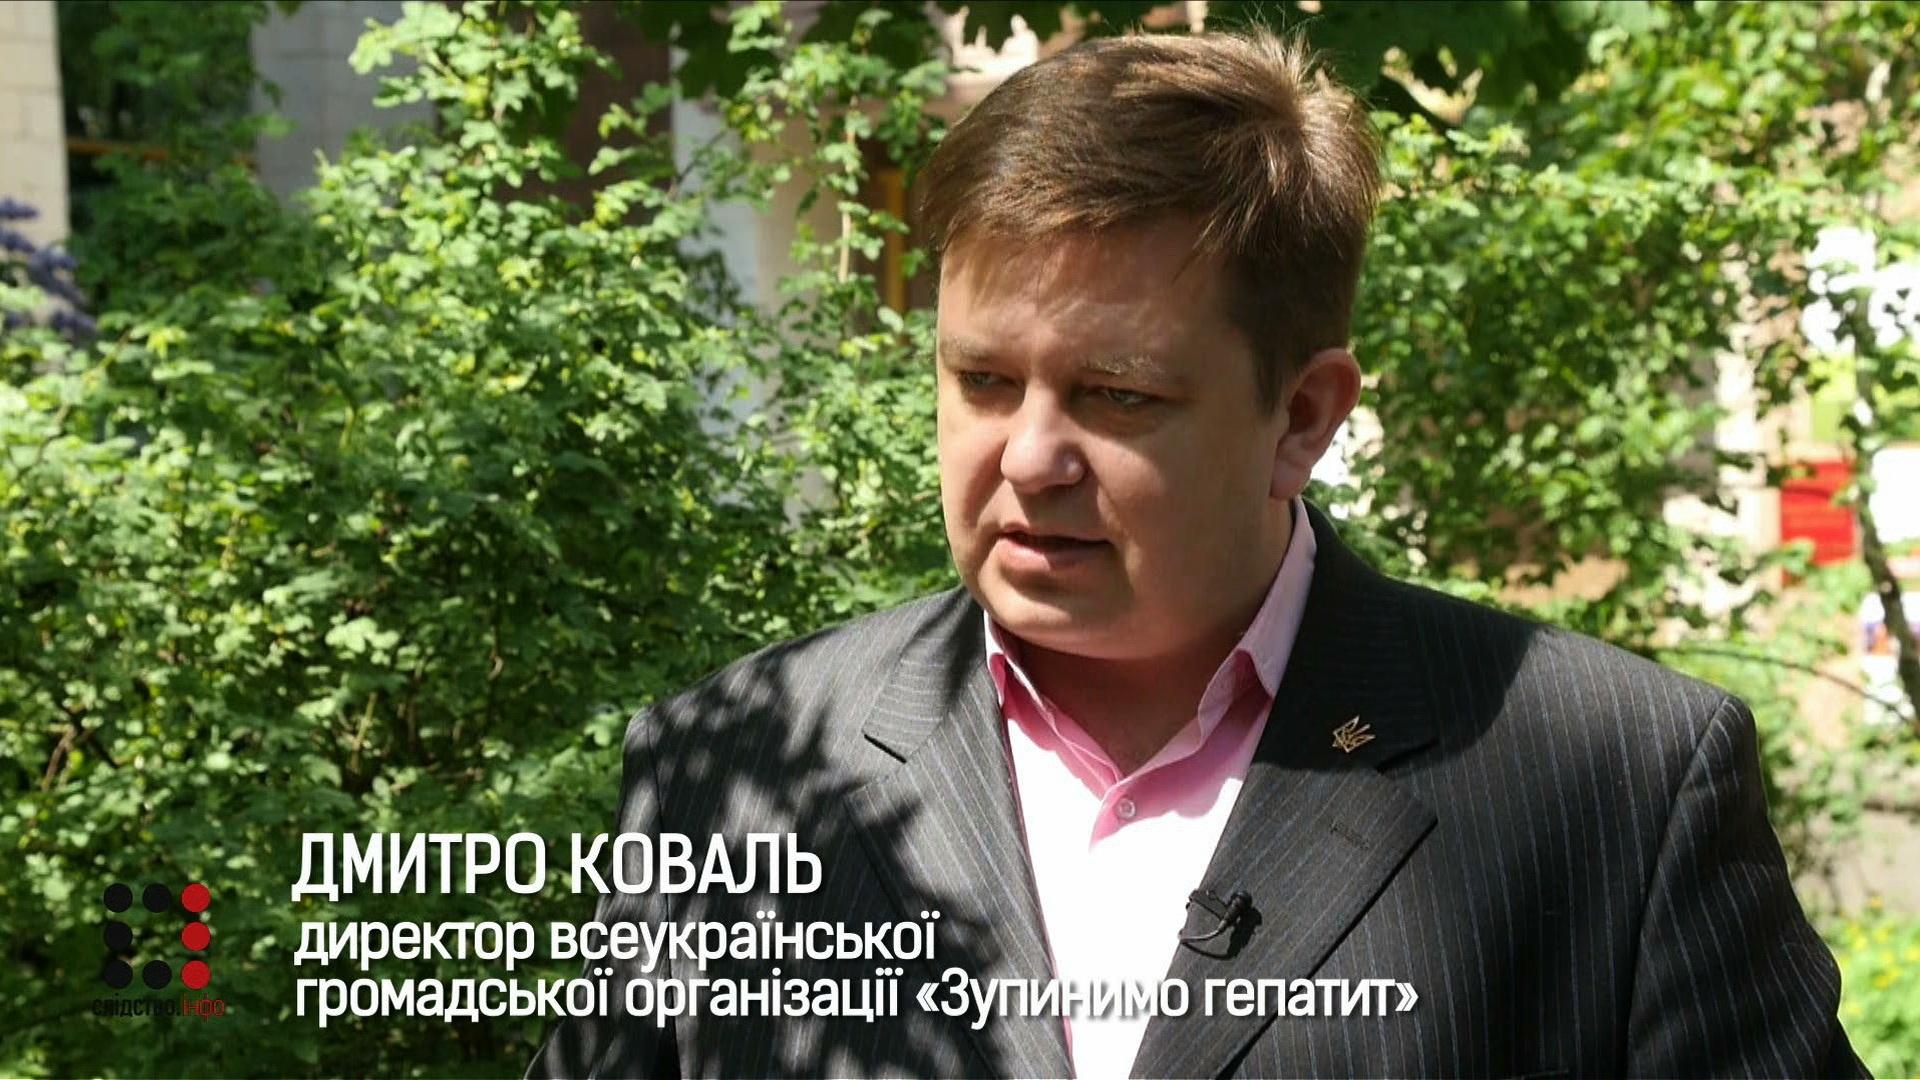 Співзасновник Всеукраїнської громадської організації «Зупинимо гепатит» Дмитро Коваль